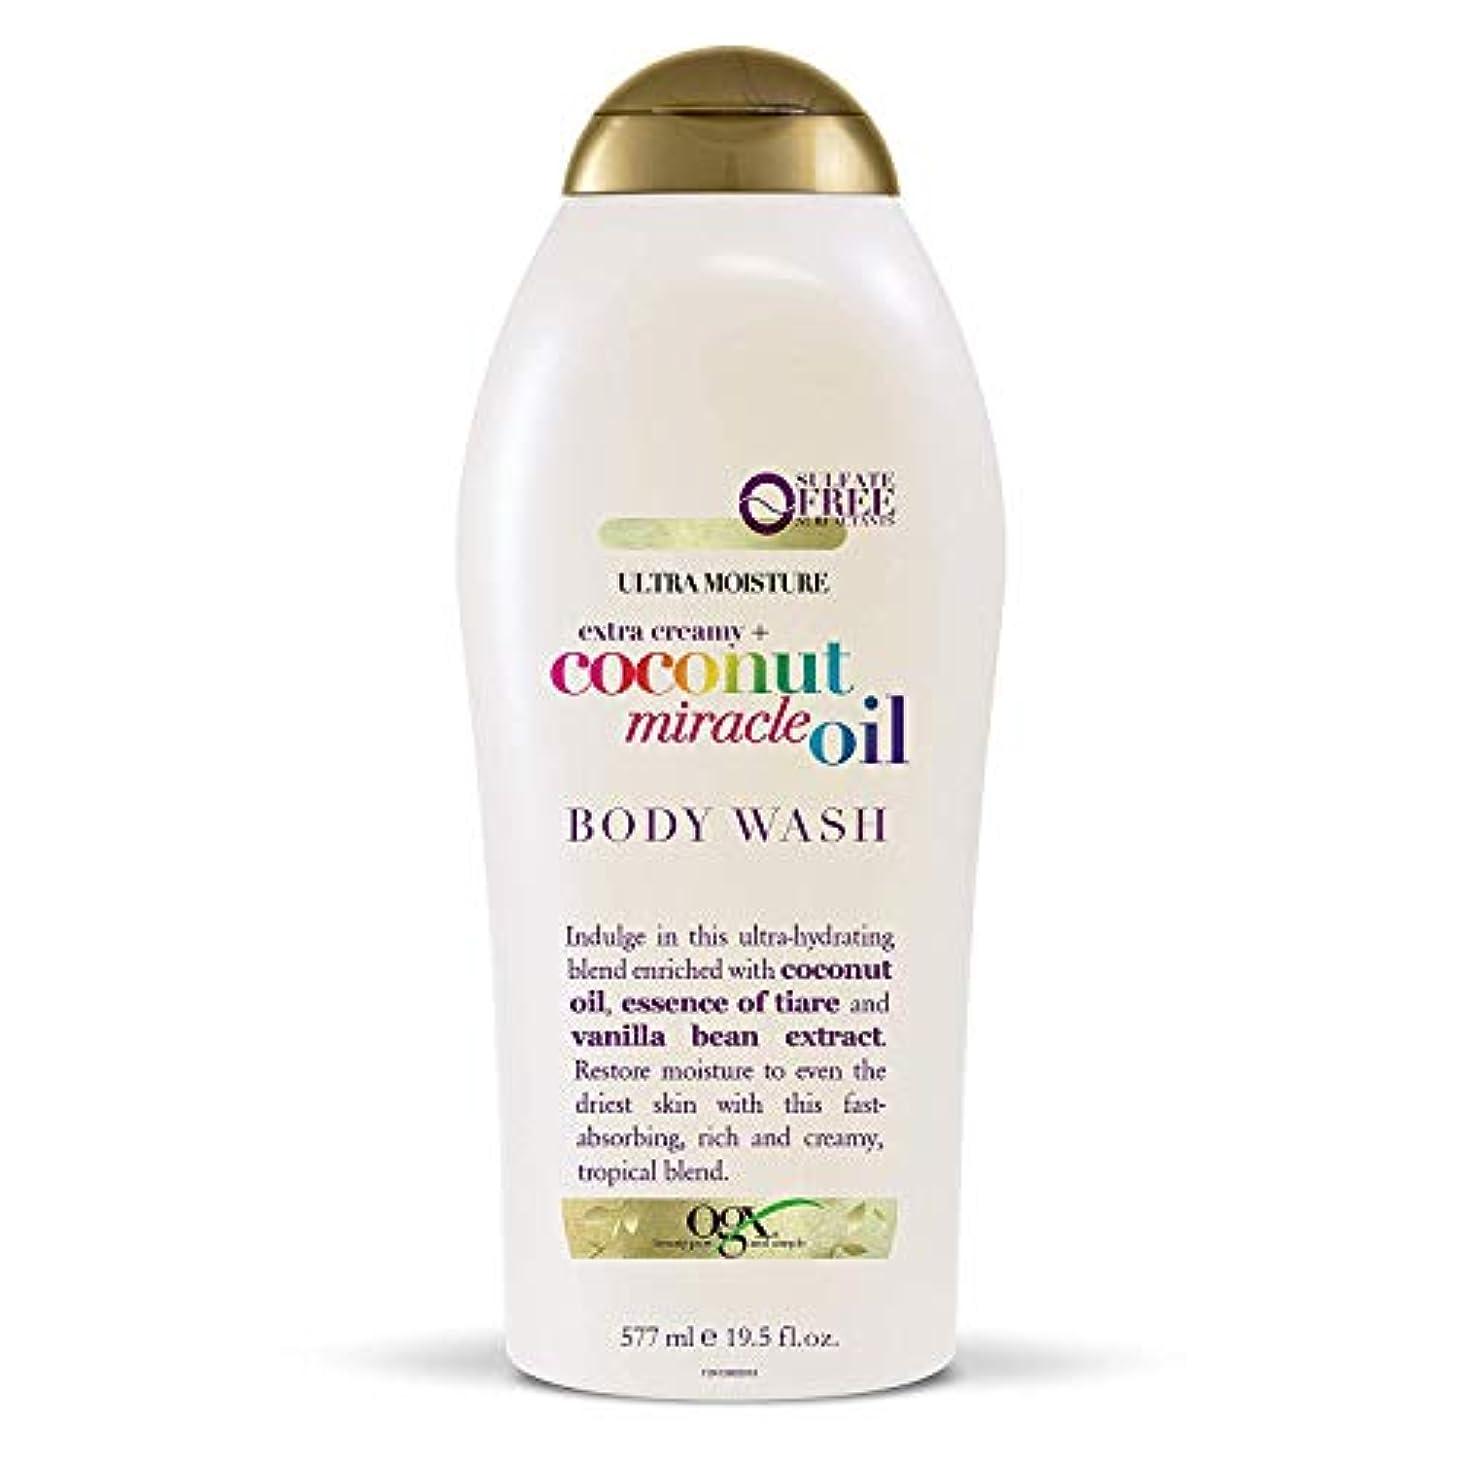 深くレンズ性的Ogx Body Wash Coconut Miracle Oil Extra Strength 19.5oz OGX ココナッツミラクルオイル エクストラストレングス ボディウォッシュ 577ml [並行輸入品]